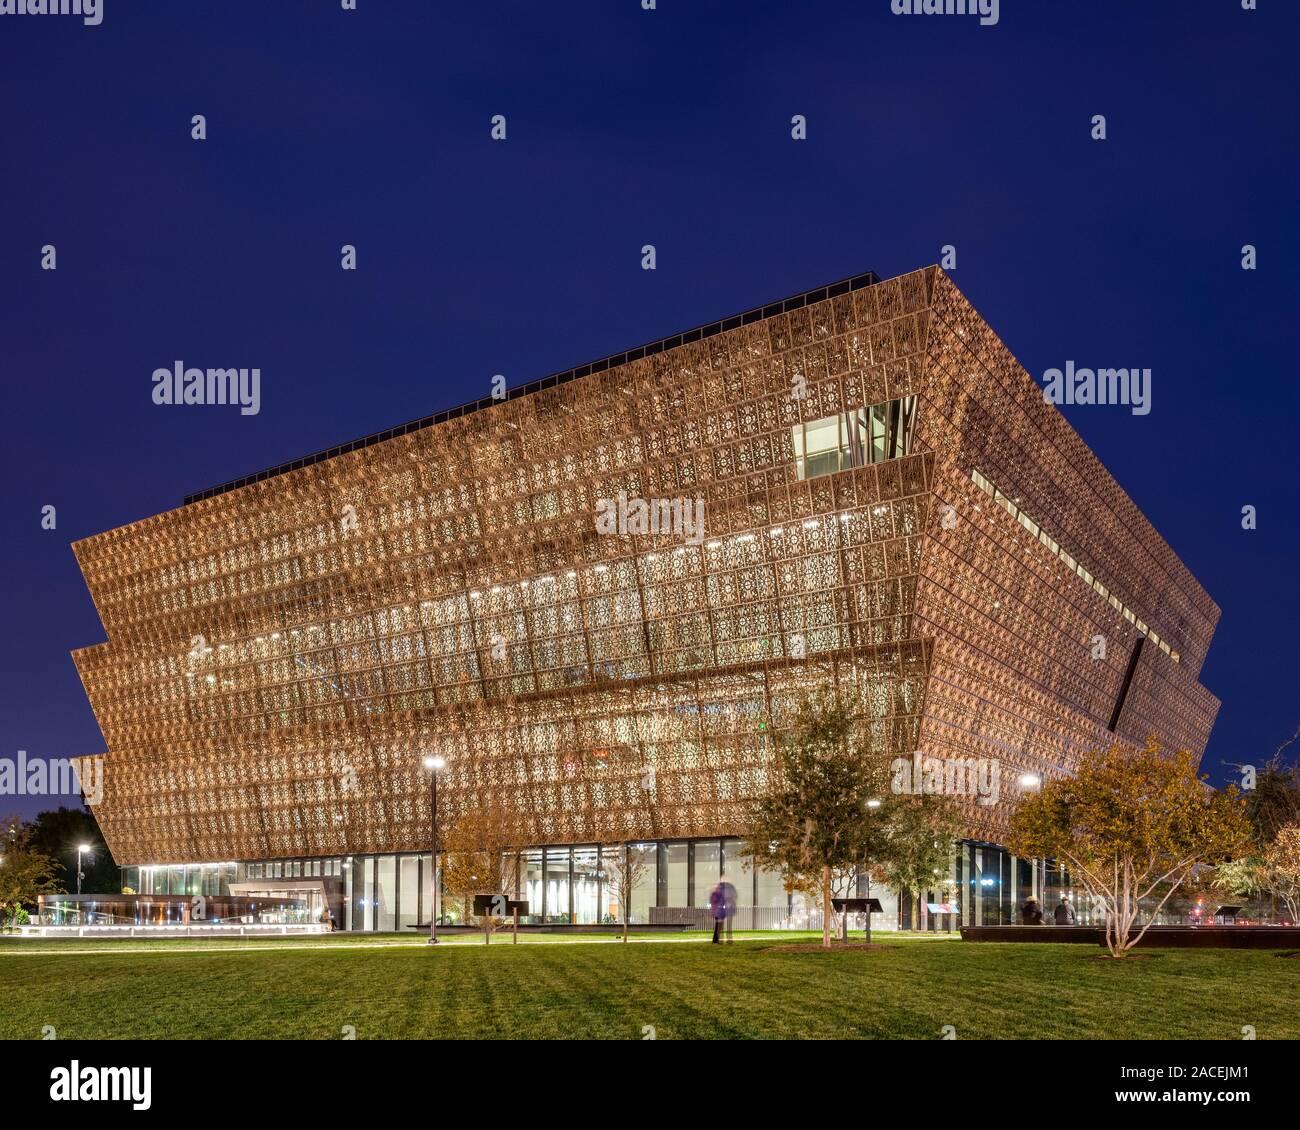 Museo Nacional de Historia y Cultura Afroamericana, diseñado por David Adjaye Foto de stock